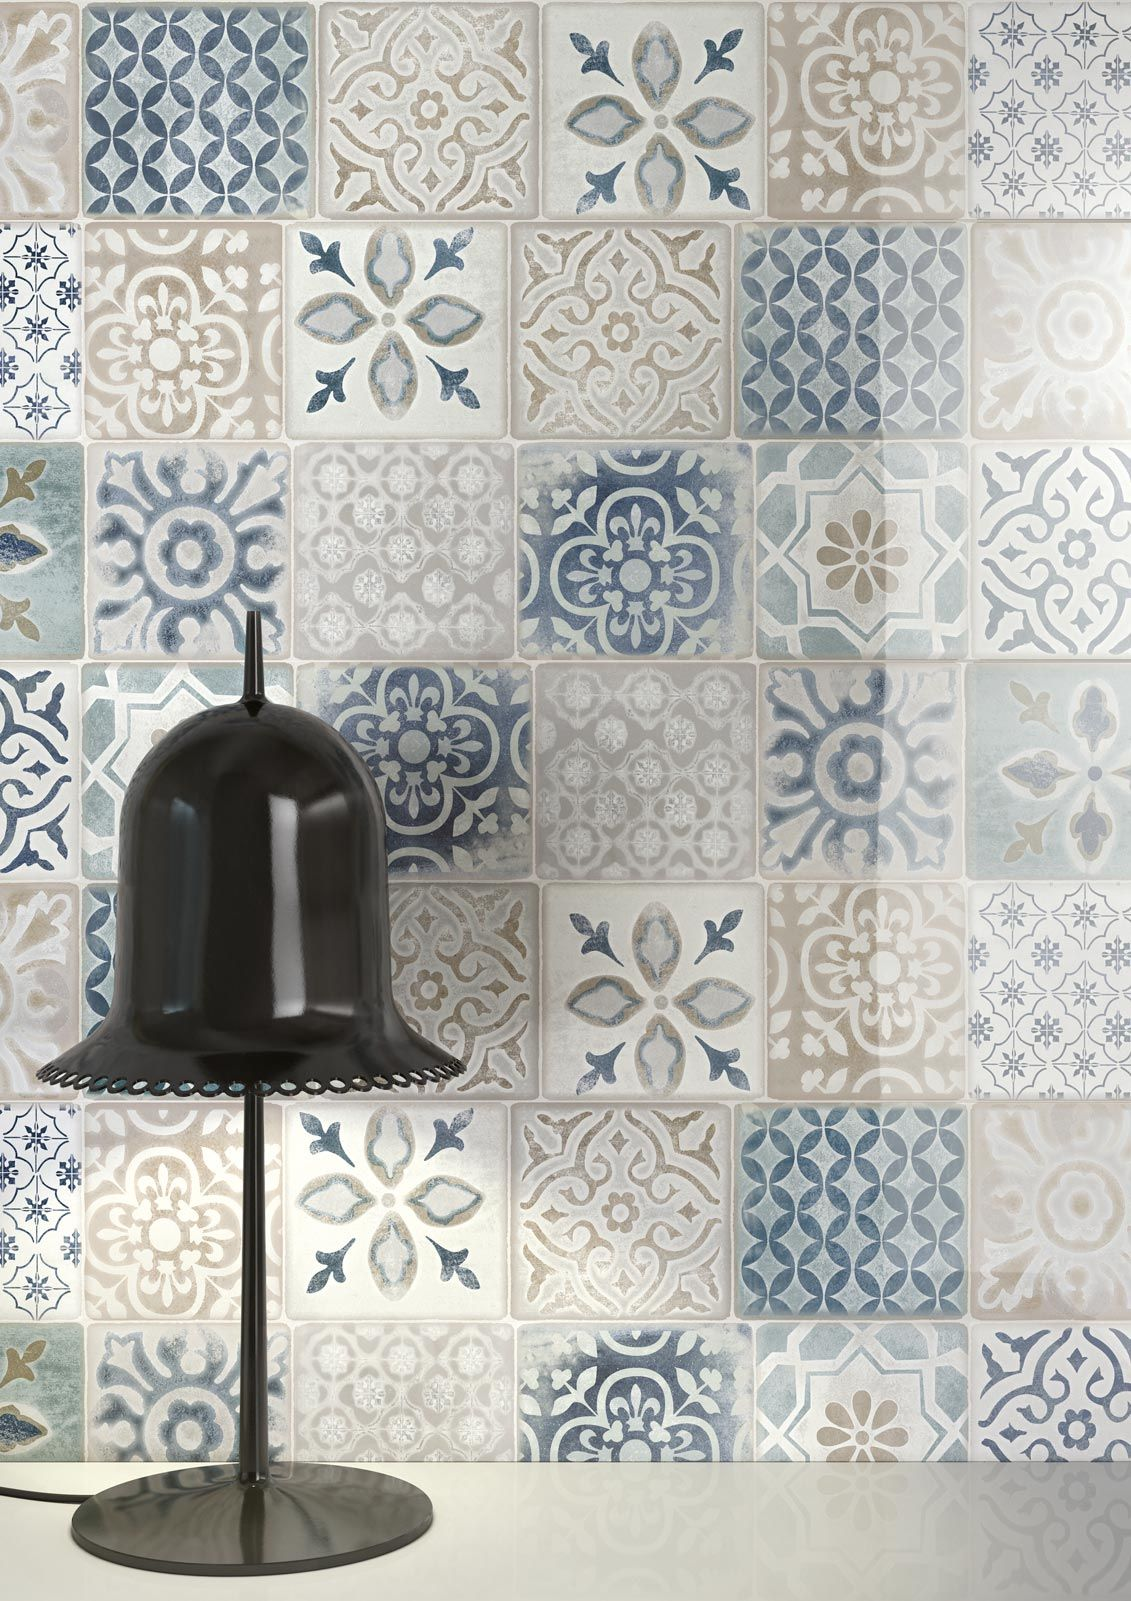 Frame: Piastrelle in ceramica - Ragno_6910 | Bagno cucina stanze ...